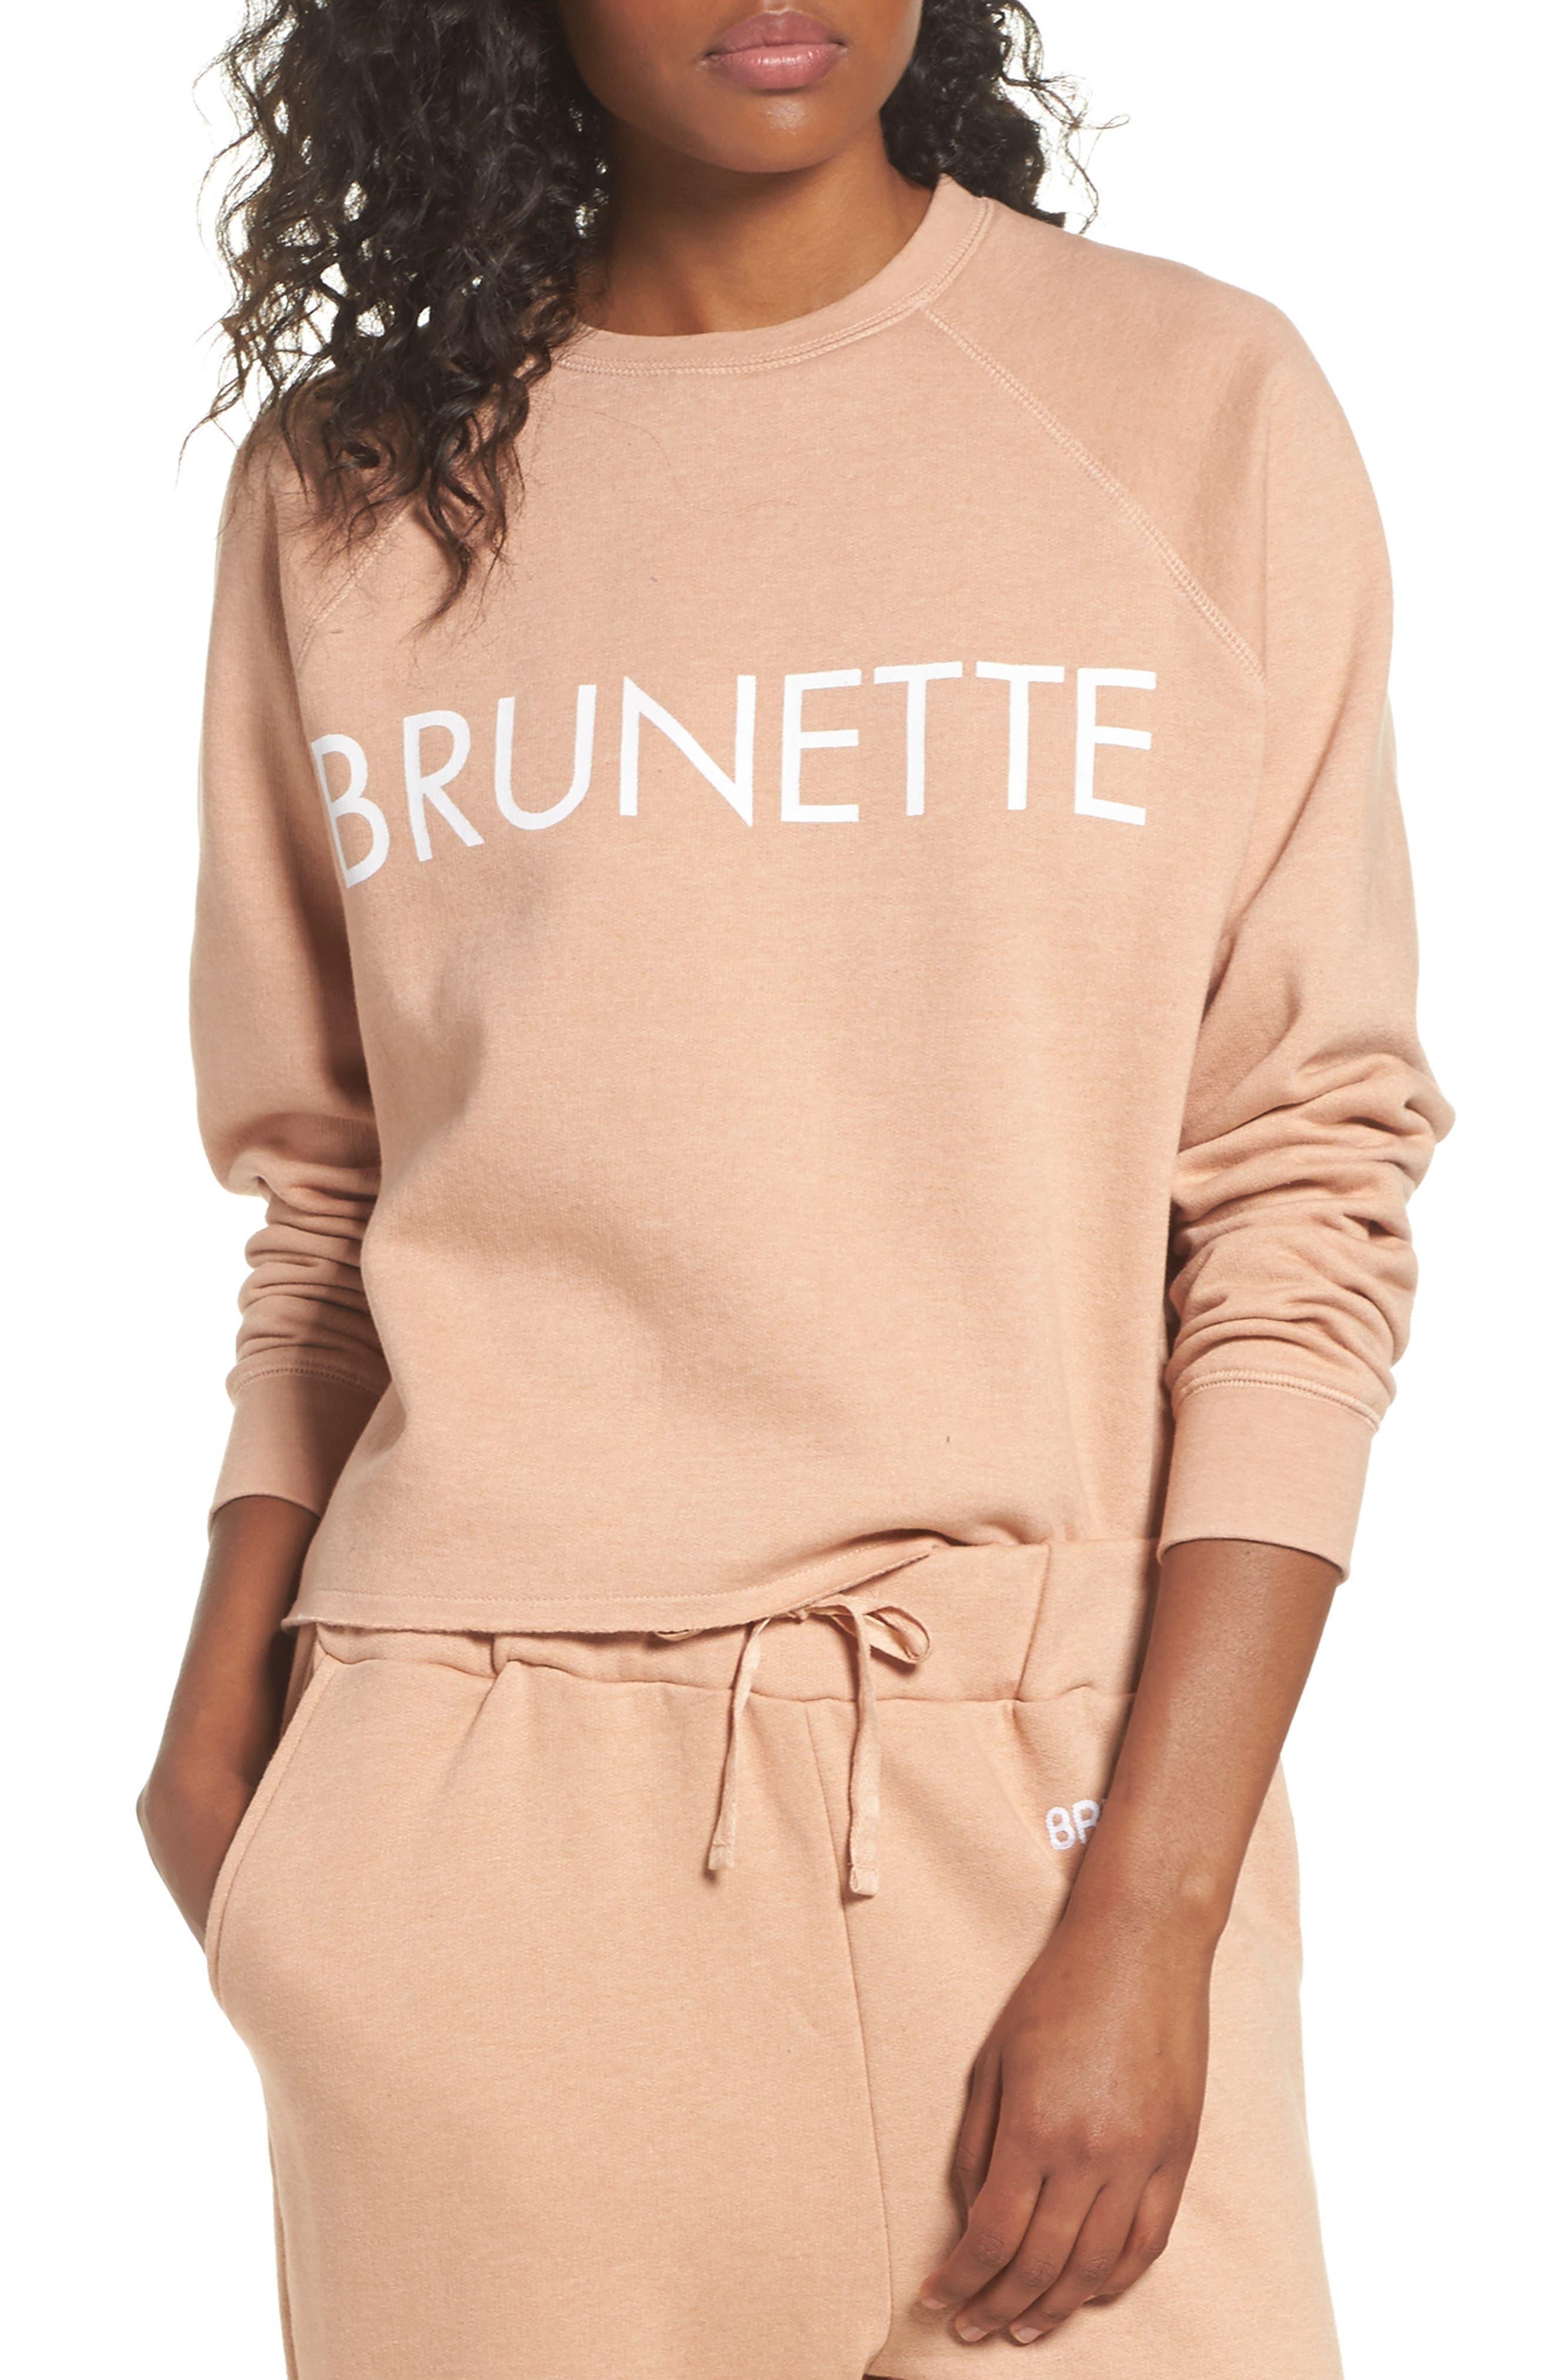 BRUNETTE the Label Middle Sister Brunette Sweatshirt